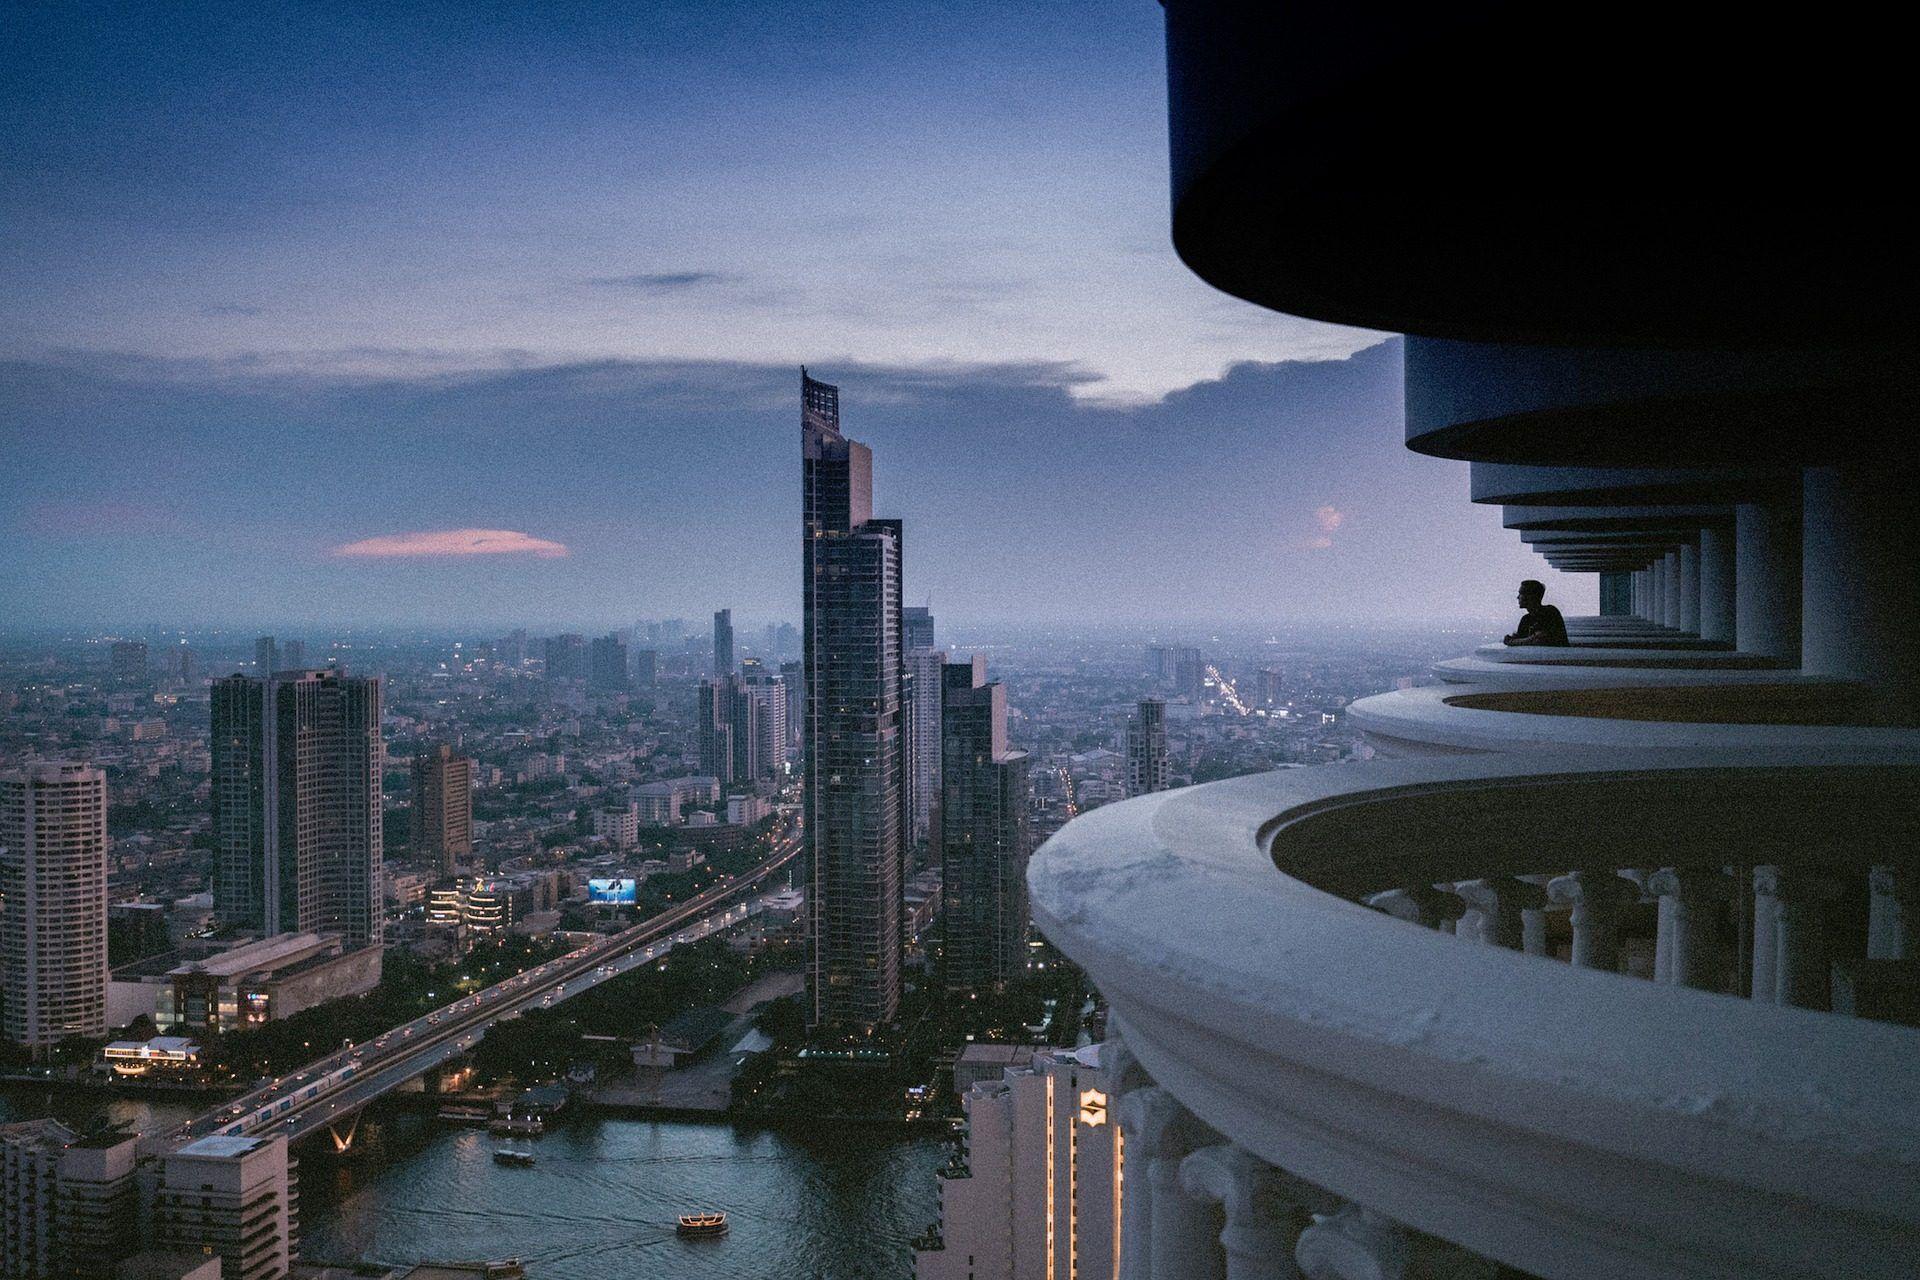 Ciudad, Vistas, Alturas, Edificios, Rascacielos